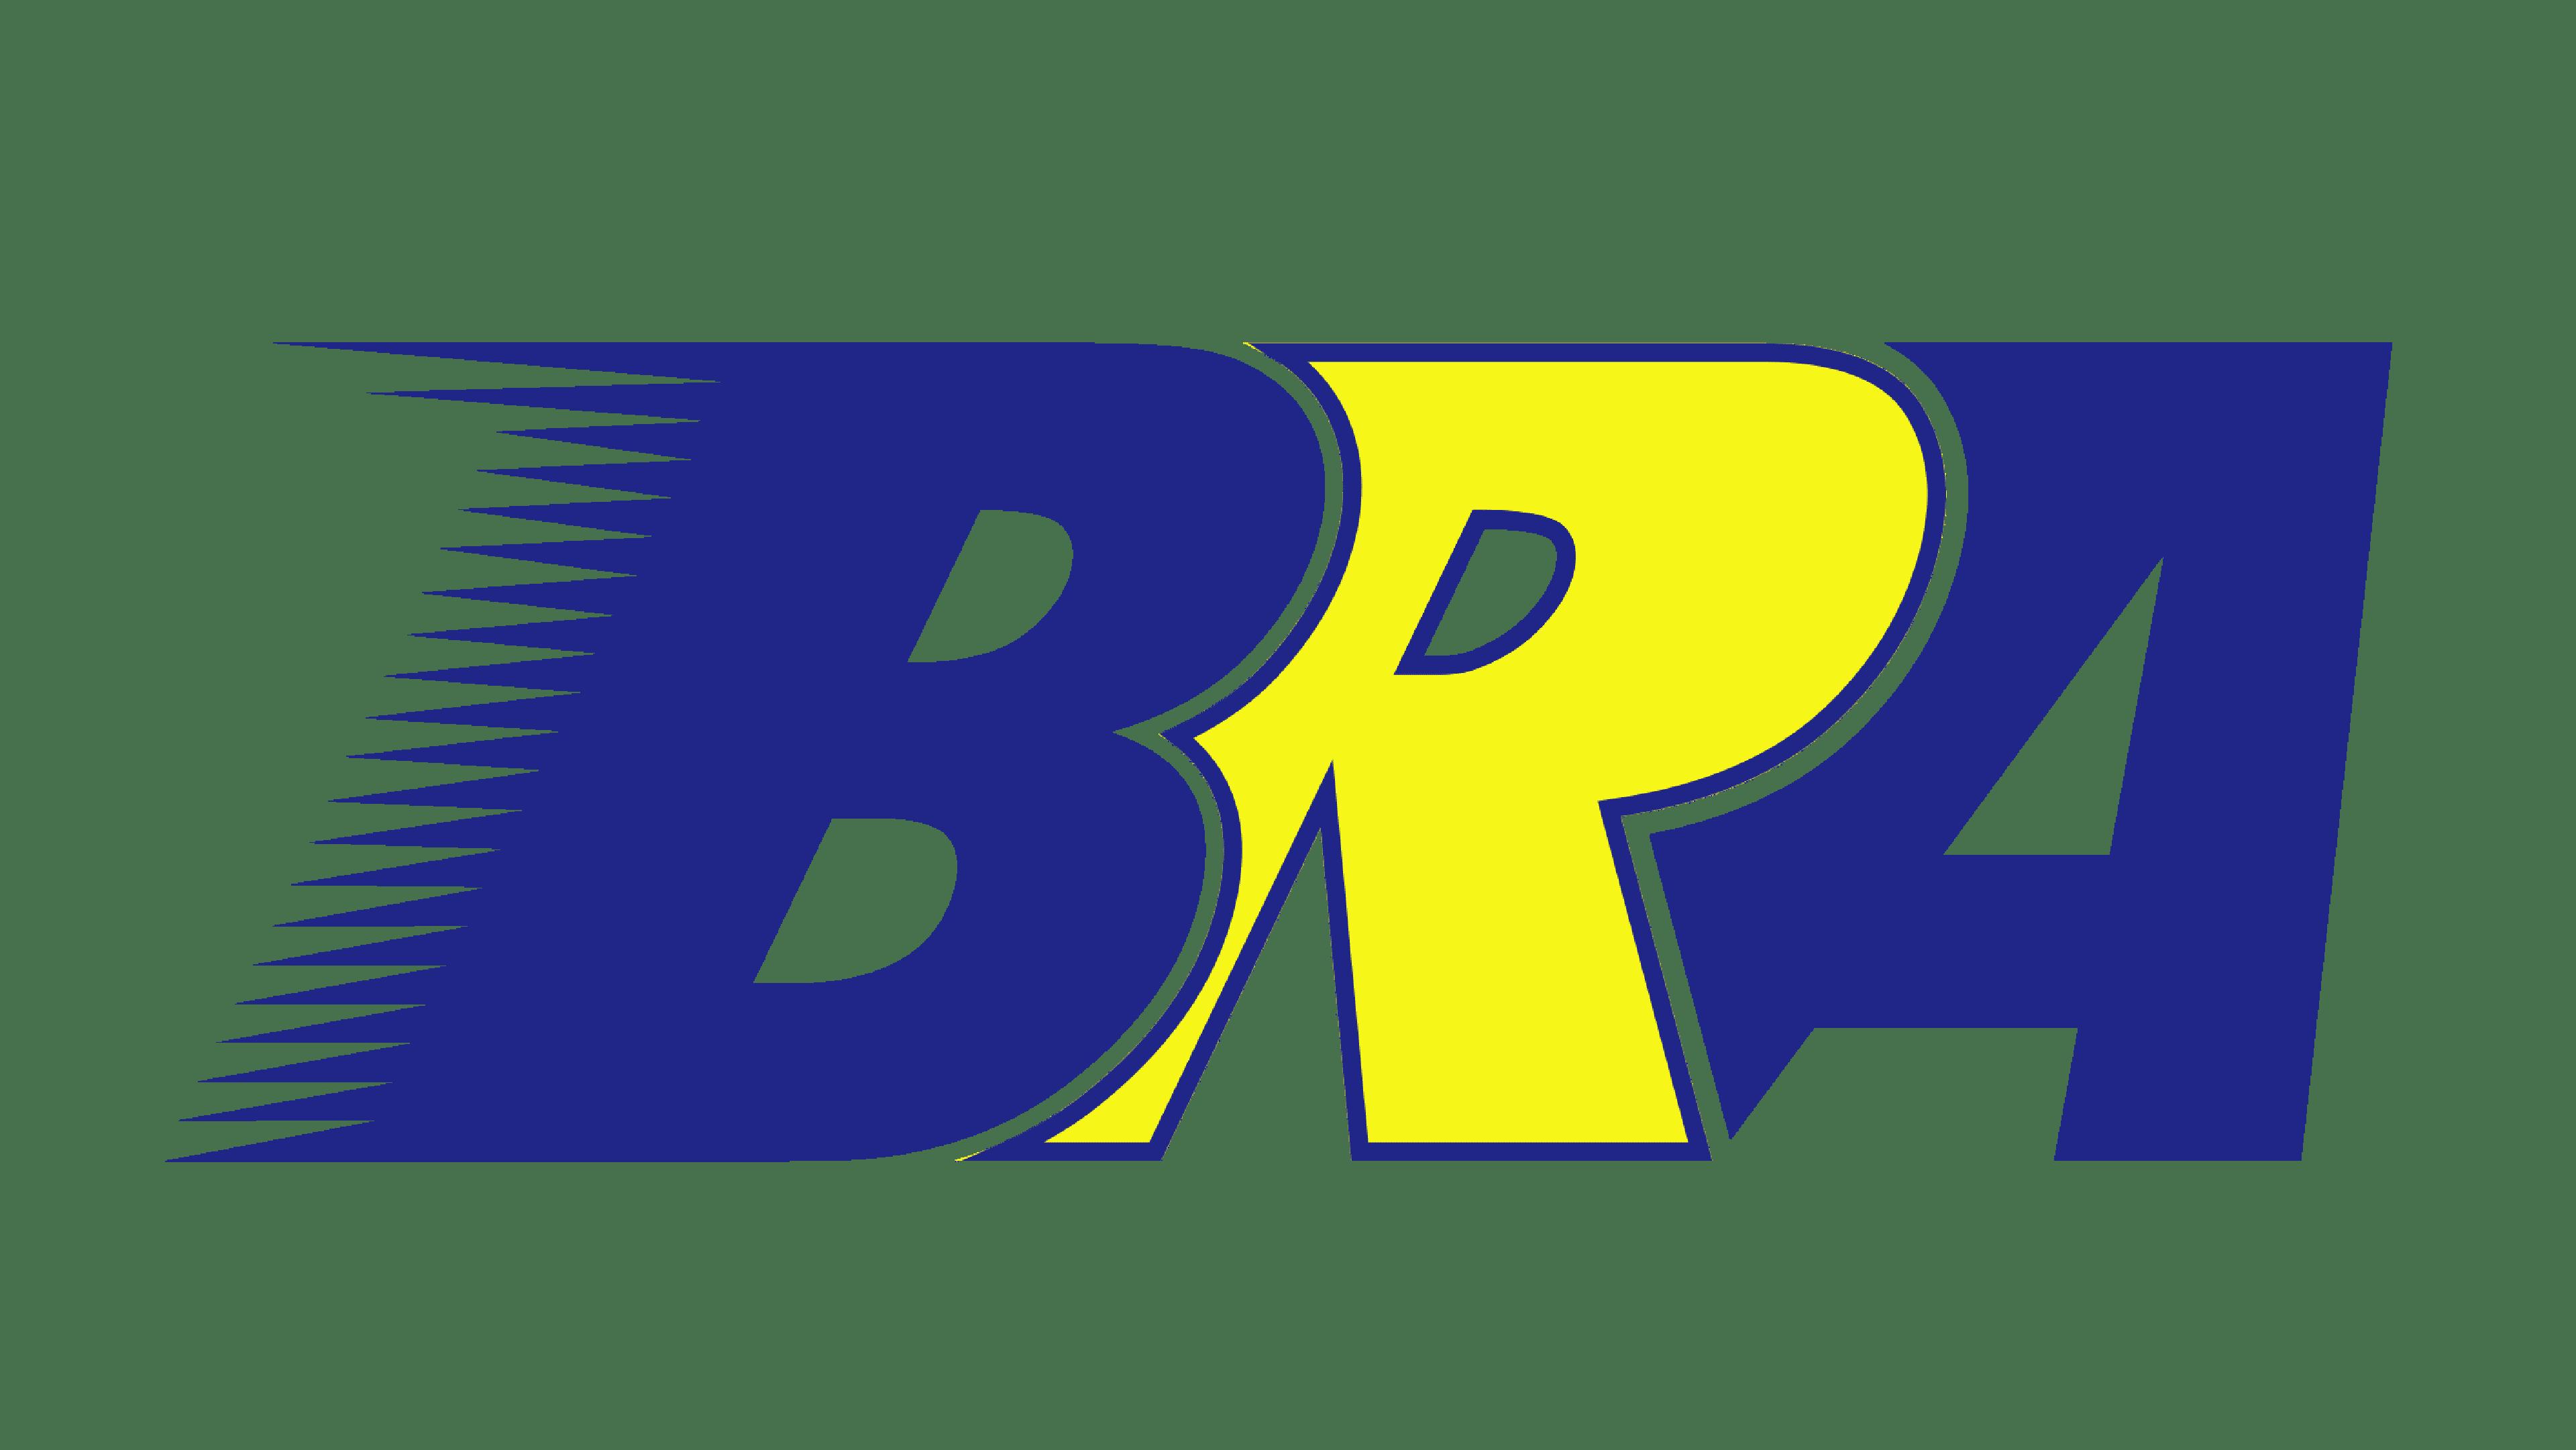 BRA Transportes Aéreos Logo Logo